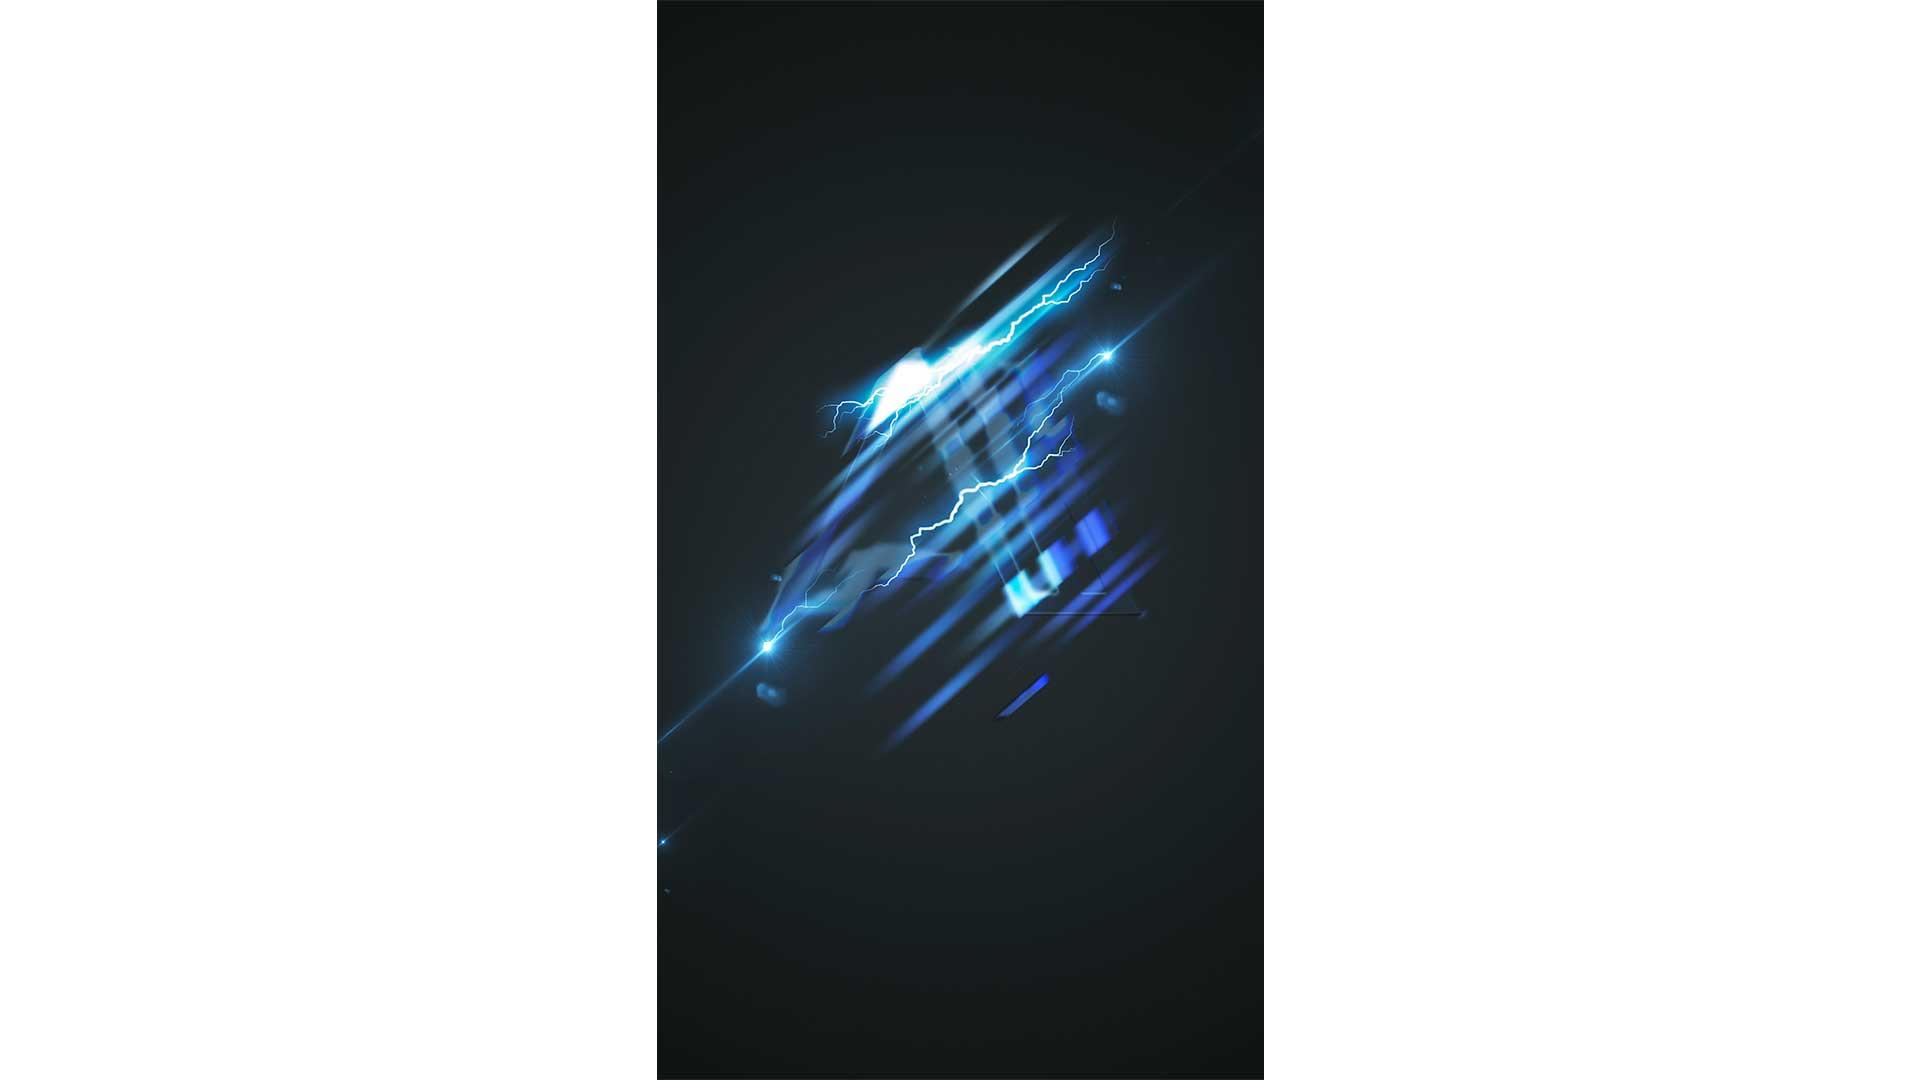 Logo-animado-electricidad-AL175-animacion-logotipo